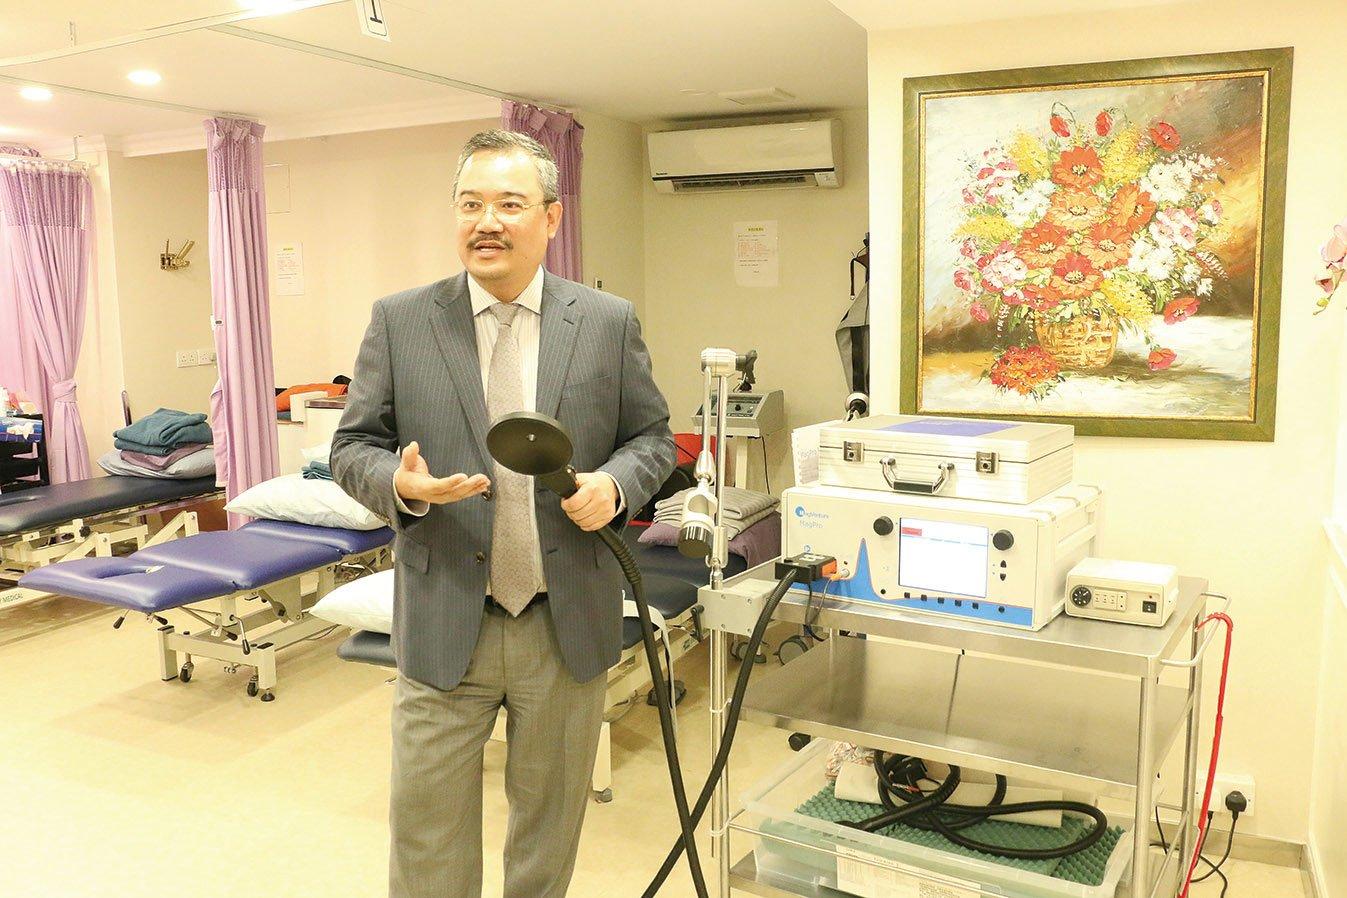 葉衛民醫生展示放在頭部能產生微弱電波,幫助刺激腦細胞活動及改善訊息傳遞的電磁線圈。(江夏/大紀元)